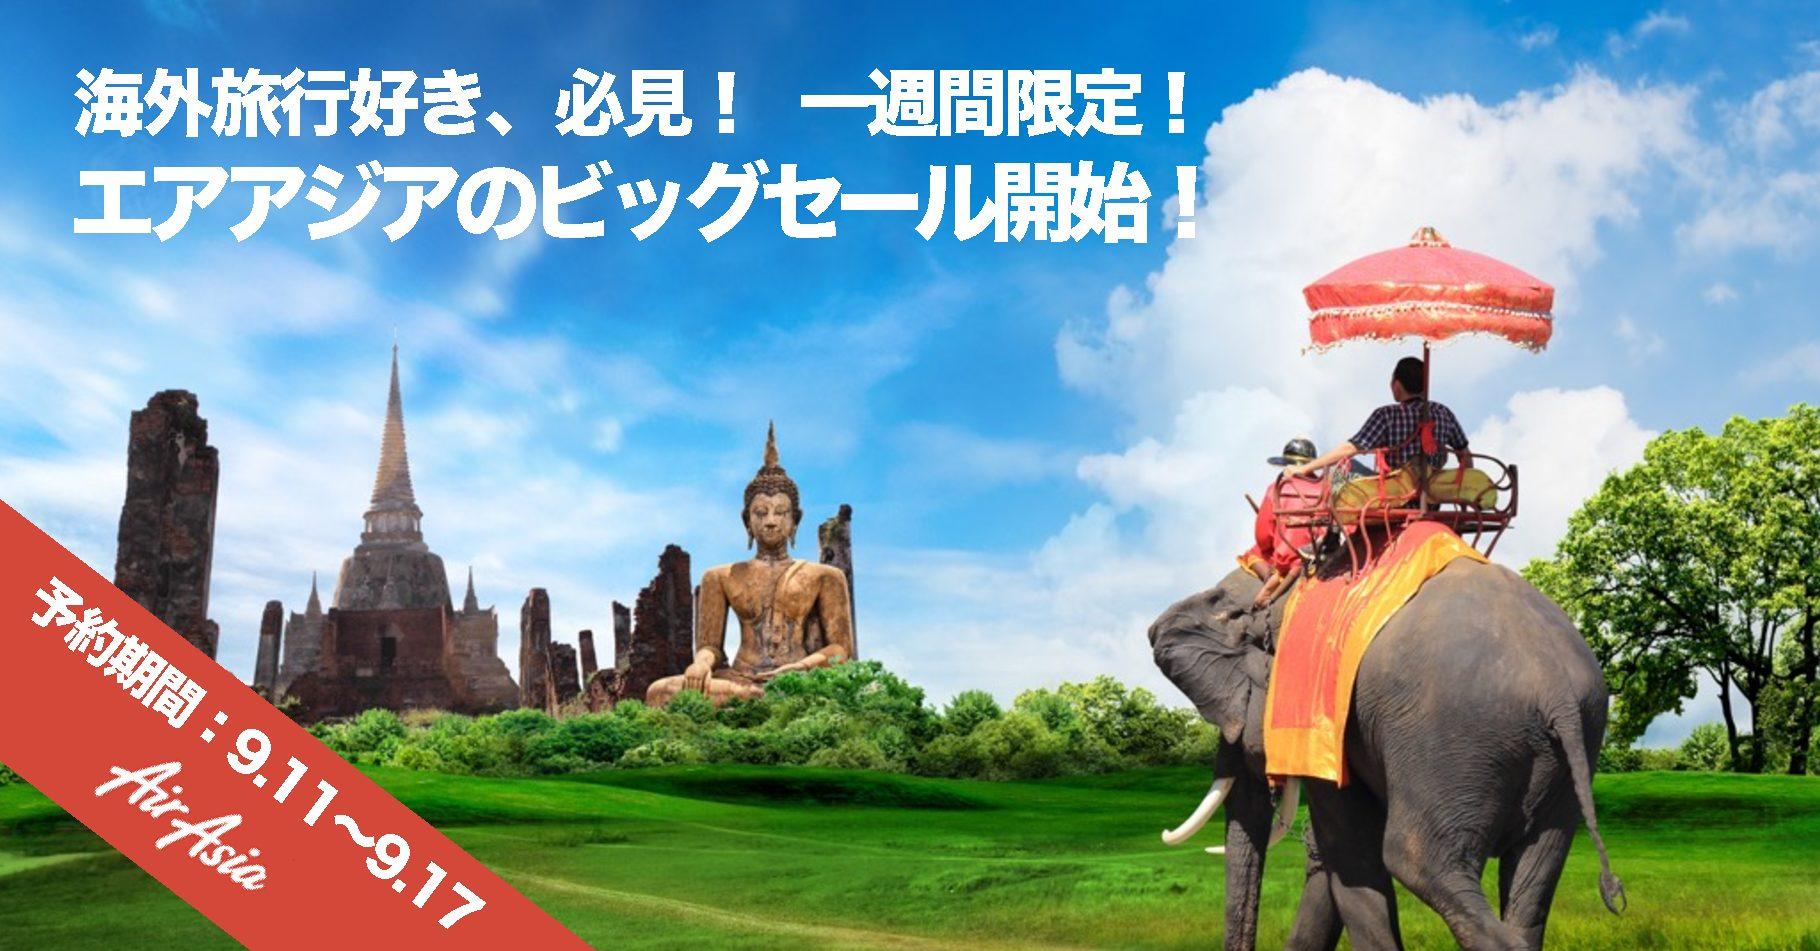 652d10d4f9d3 【片道航空券が9,900円〜】エアアジアのビッグセールで世界を遊びつくそう! | TABIPPO.NET [タビッポ]